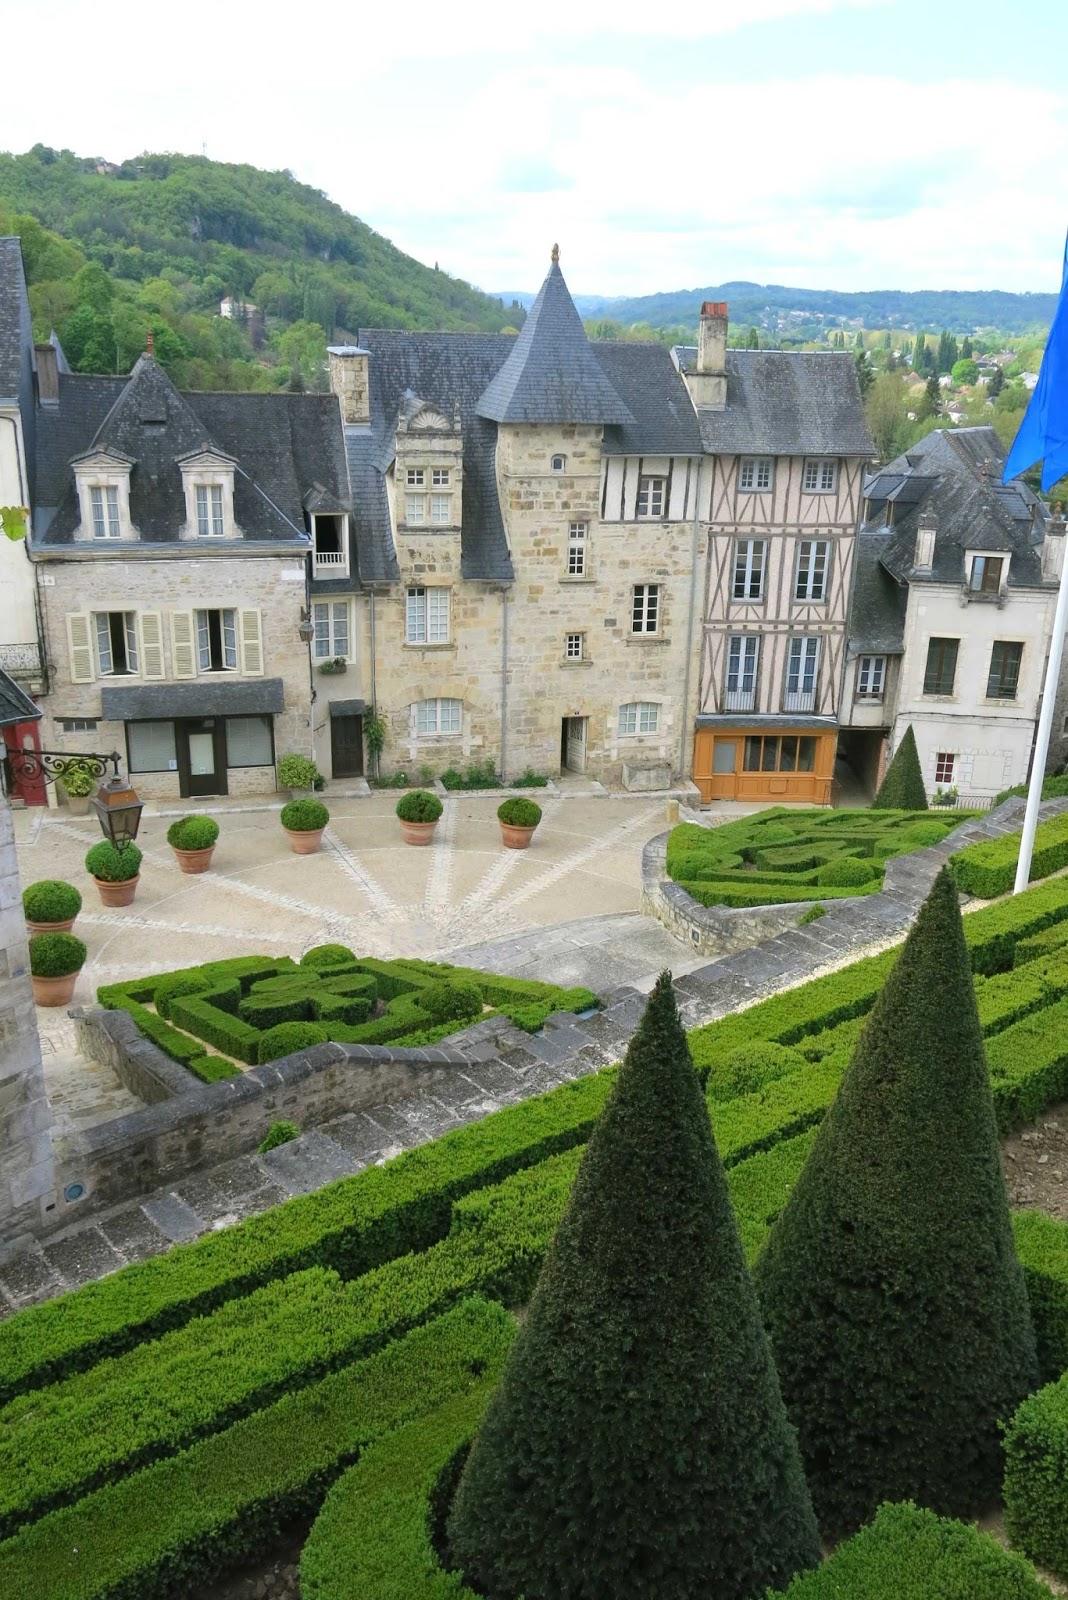 Ecoute s 39 il pleut terrasson et les jardins de l 39 imaginaire - Les jardins de l imaginaire a terrasson ...